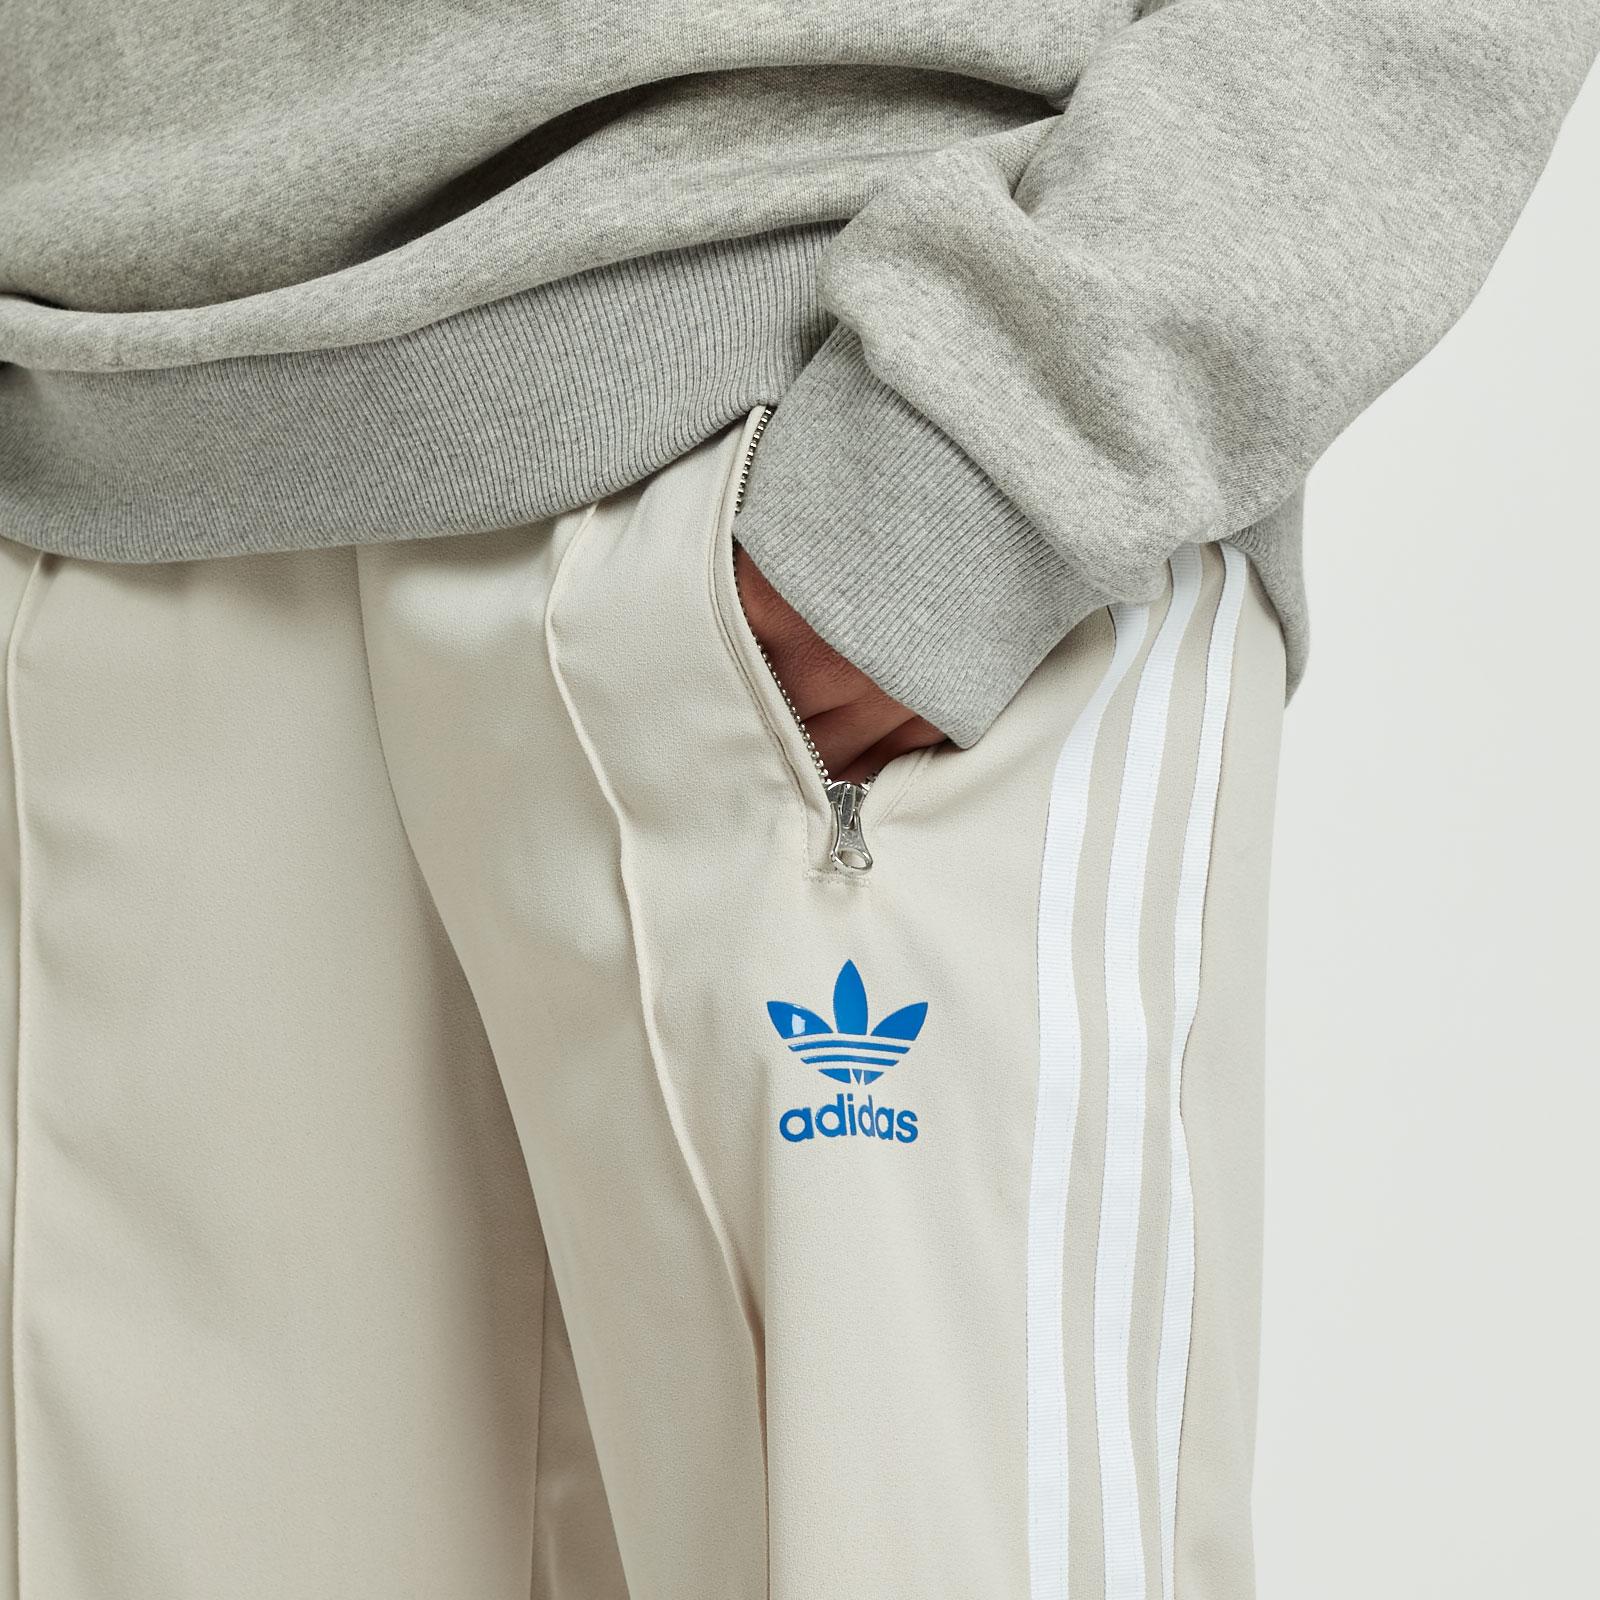 adidas sailor pants 7/8